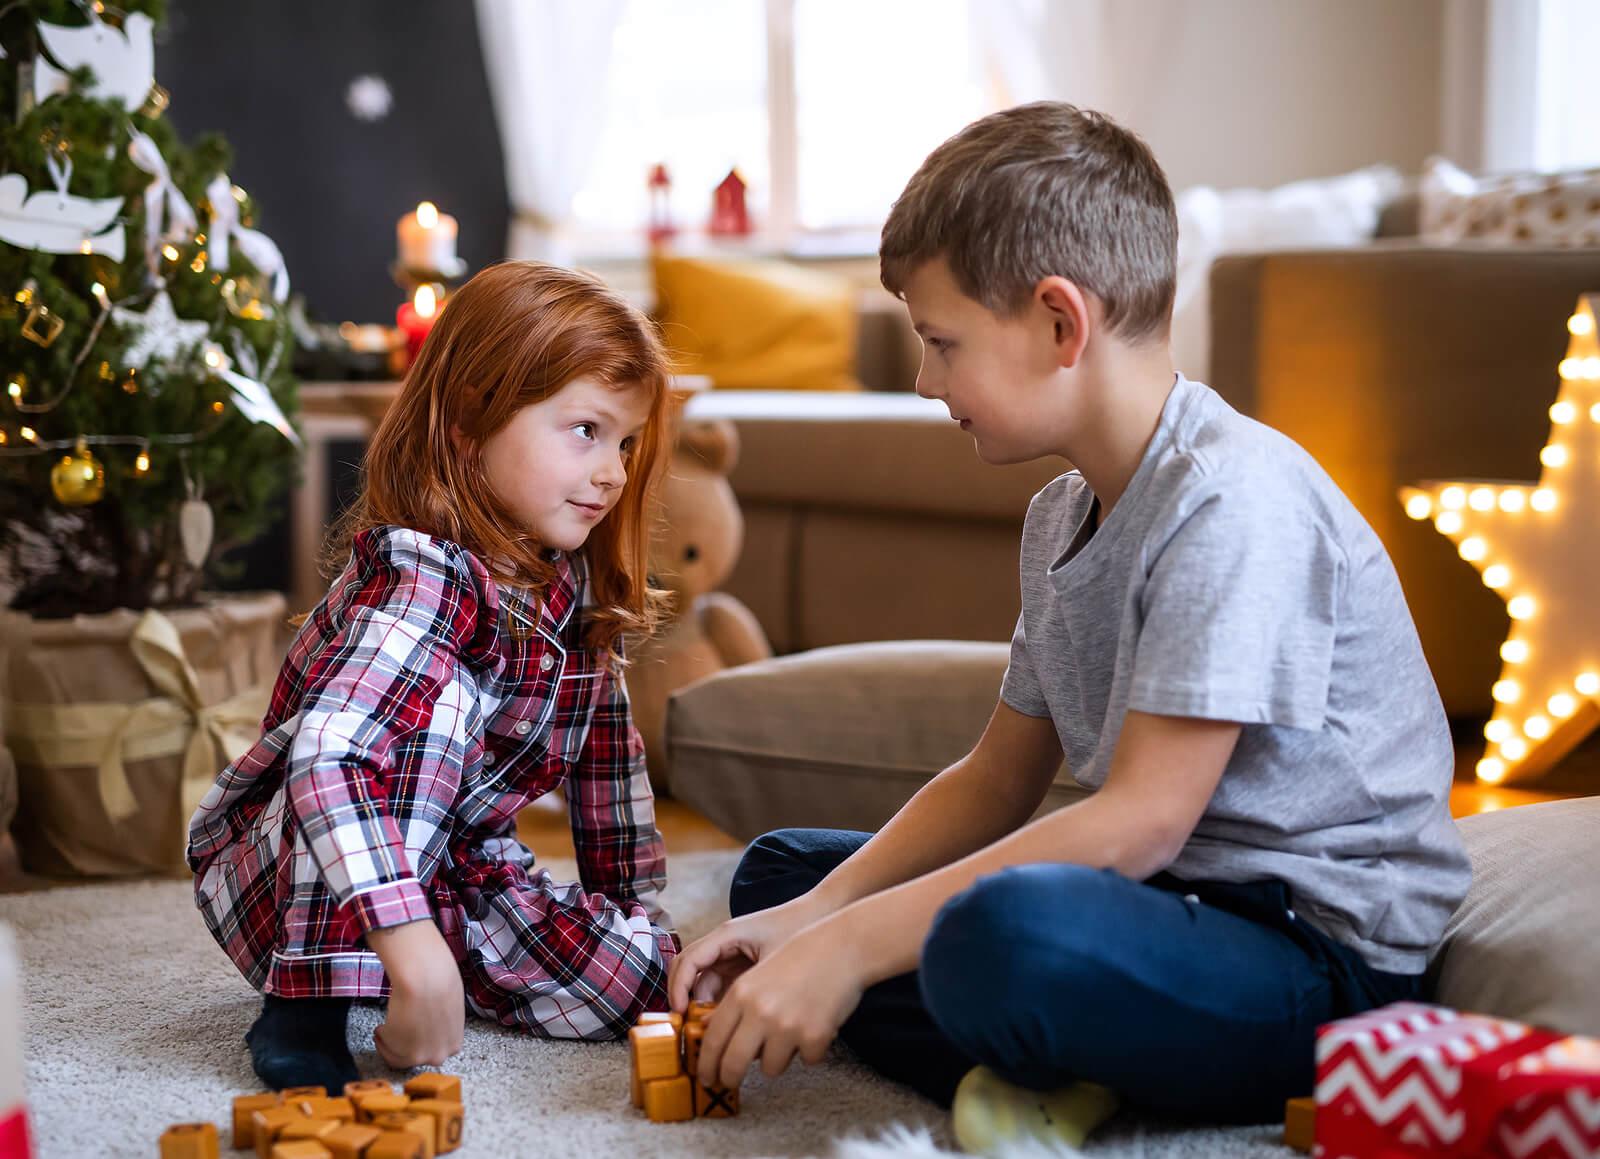 Juegos para disfrutar de la Navidad en familia